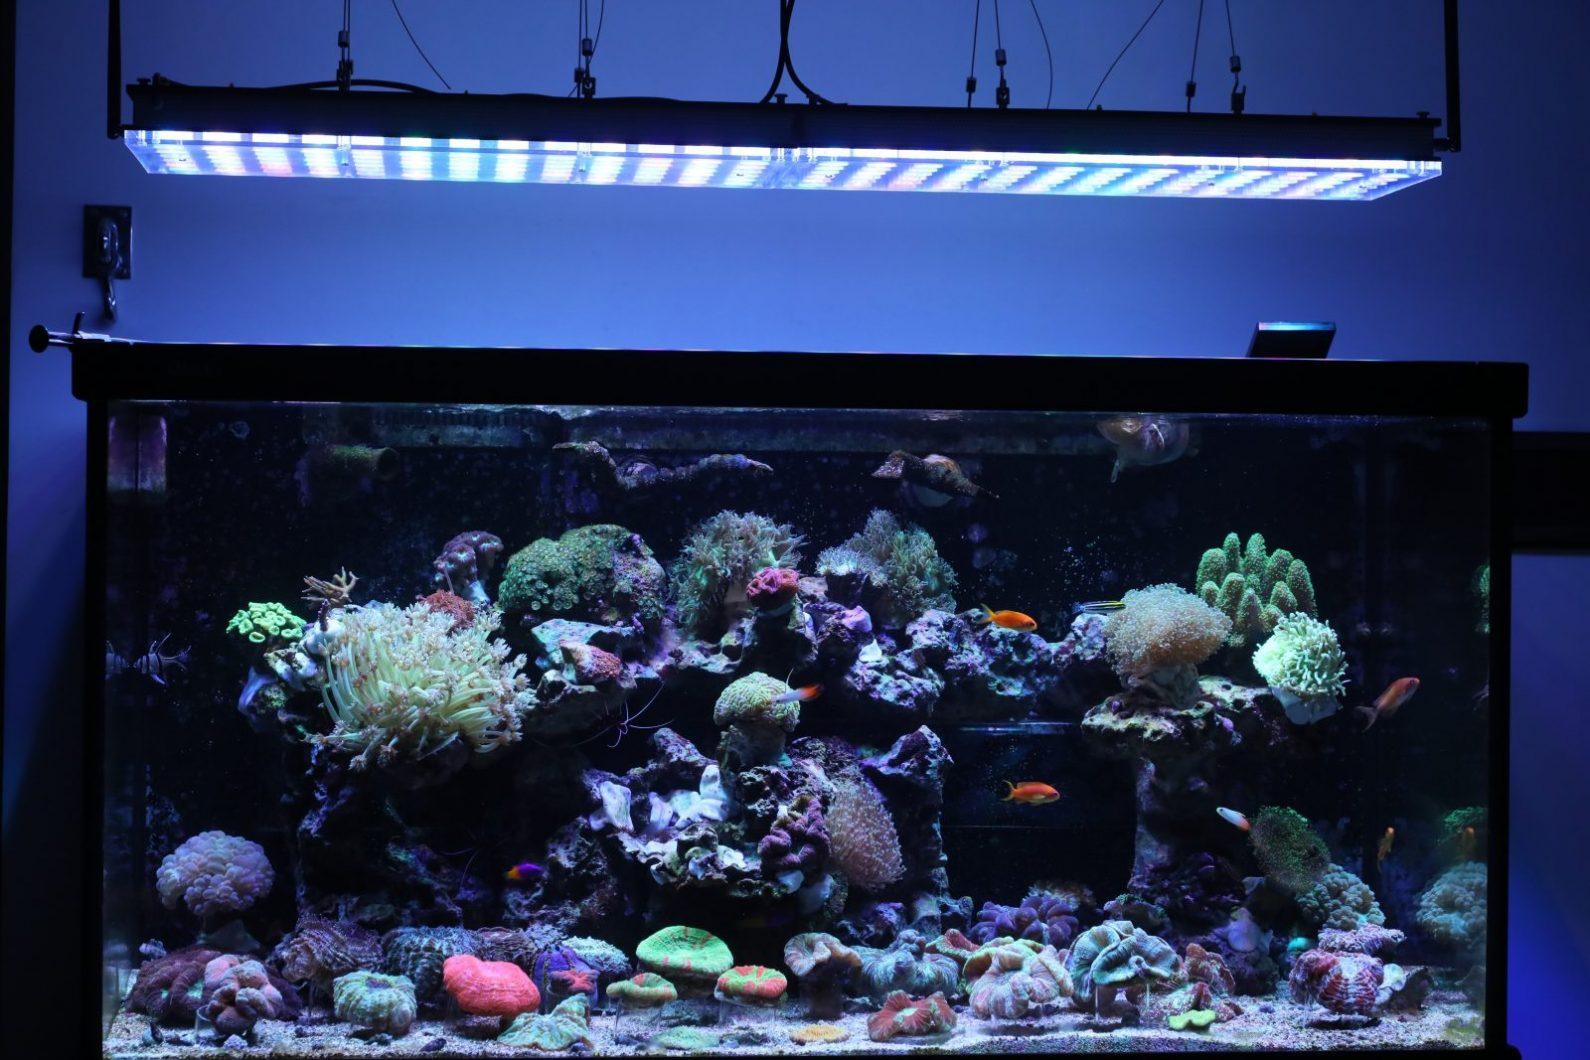 أدى الإضاءة للمملكة المرجانية الجميلة